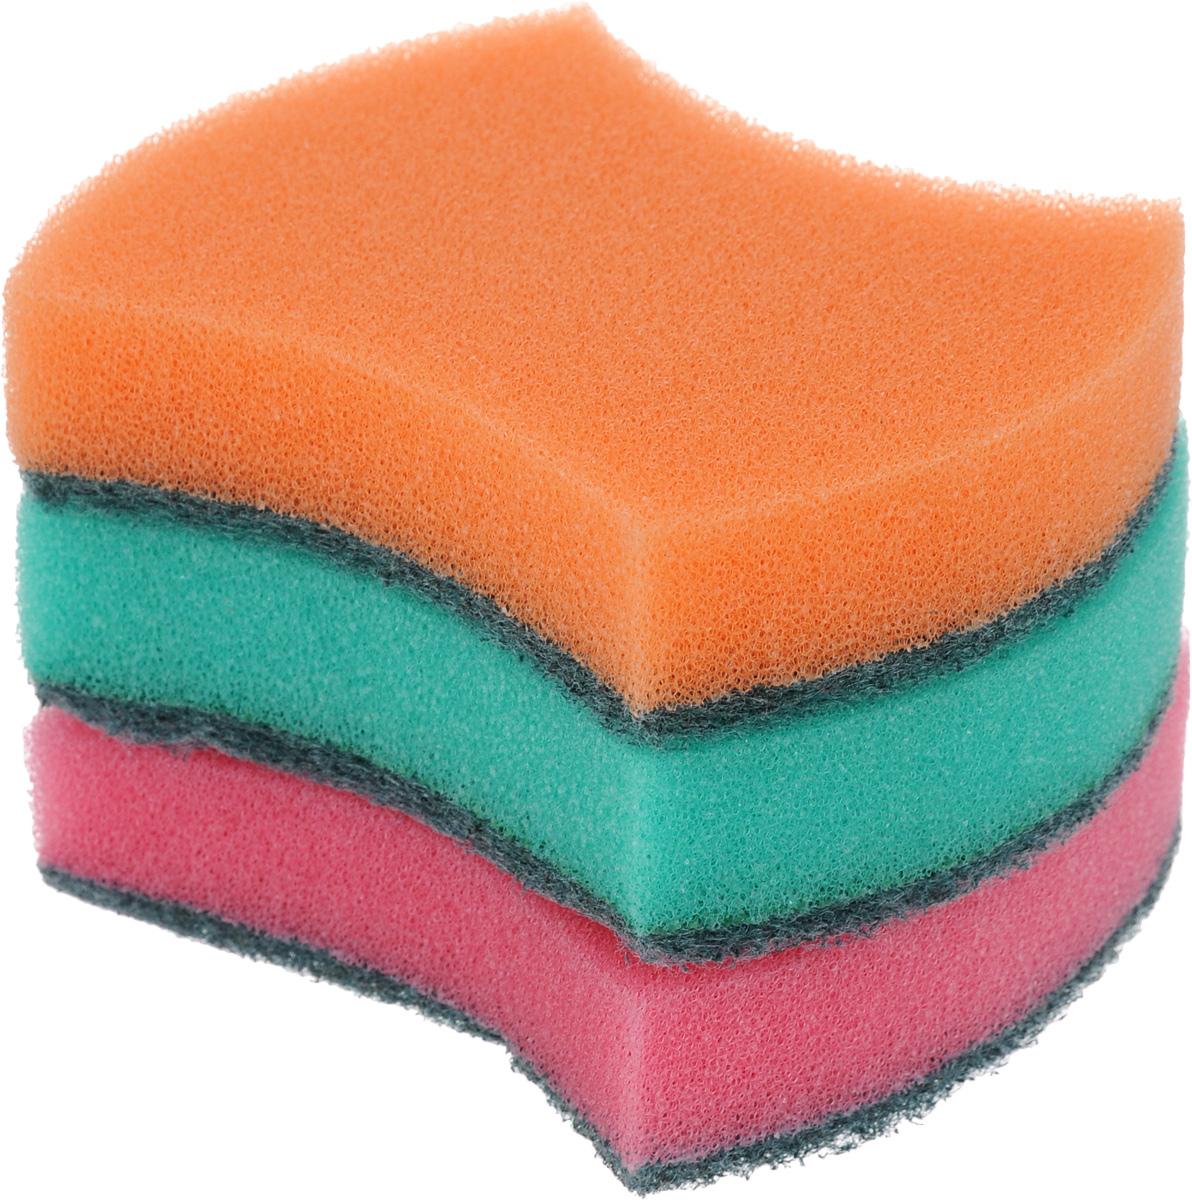 Губка универсальная Фэйт Модерн, цвет: розовый, оранжевый, бирюзовый, 3 шт1.4.01.008Универсальная губка Фэйт Модерн, изготовленная из особо прочного поролона и абразива, прекрасно впитывает влагу, не оставляет ворсинок и разводов, быстро сохнет. Предназначена для мытья любых поверхностей. Размер губки: 9 х 7 х 2,5 см. Комплектация: 3 шт.